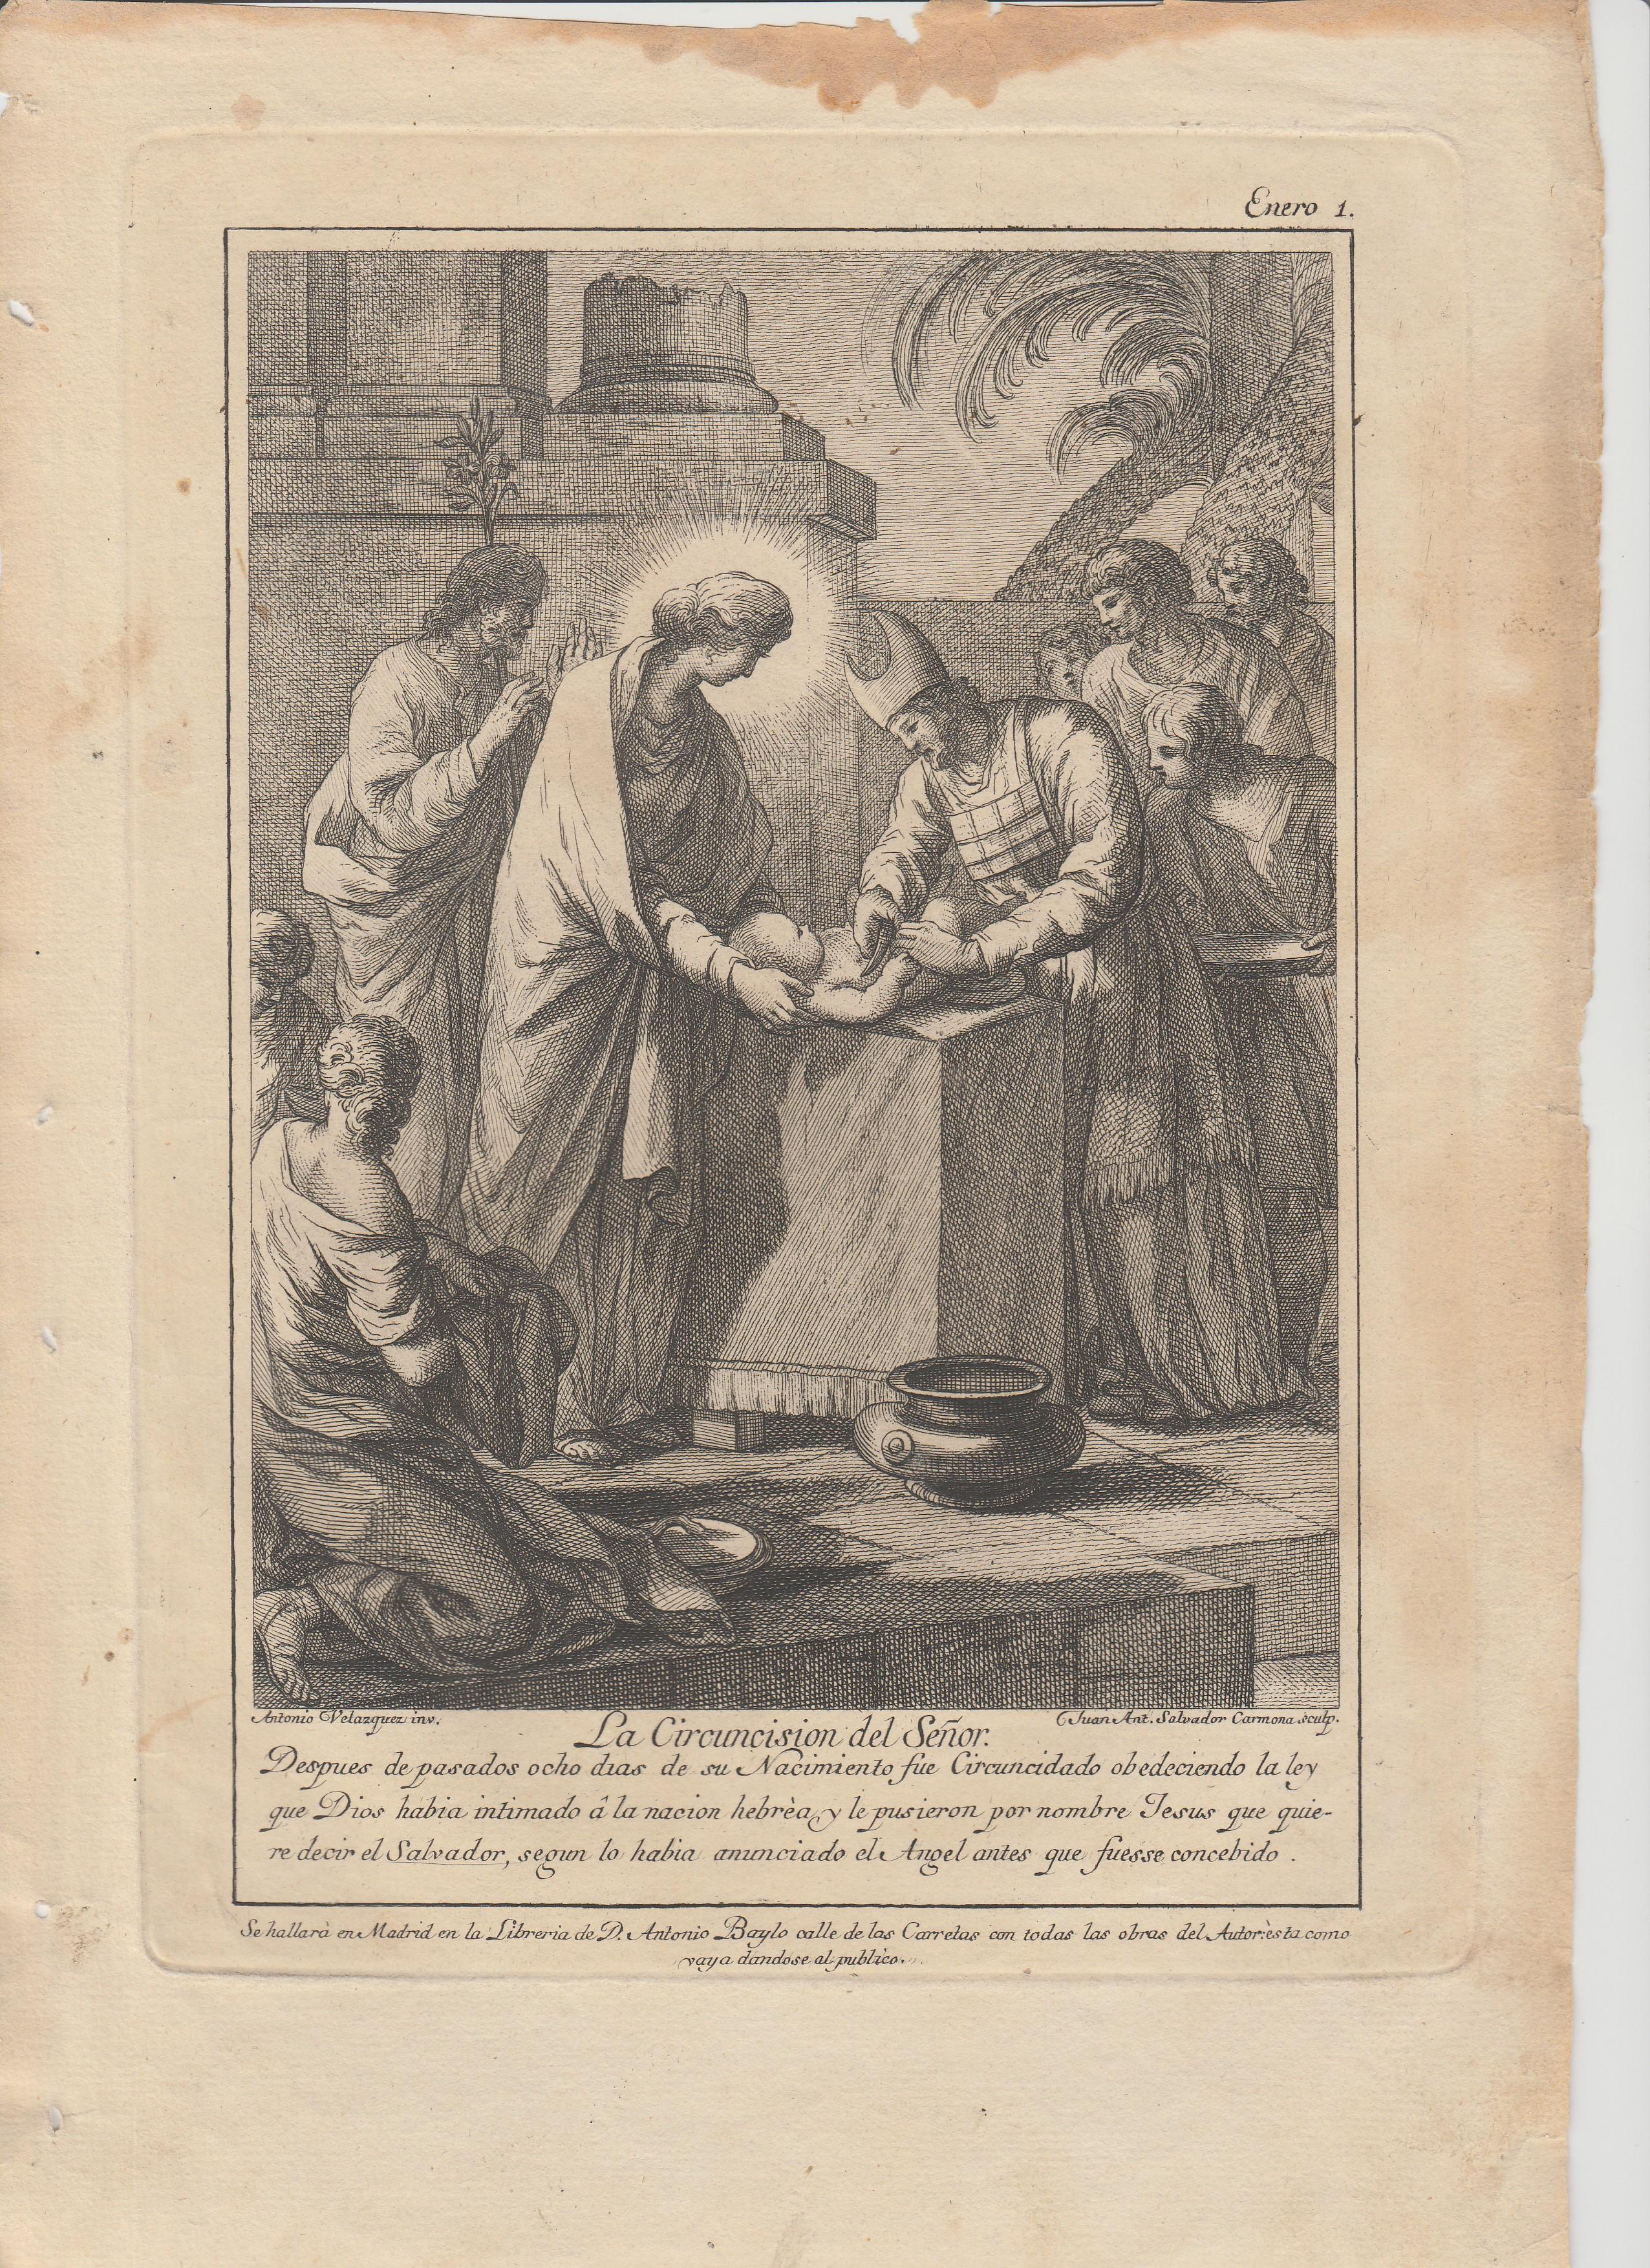 Antonio  Gonzalez  Velázquez / Juan Antonio  Salvador  Carmona – Estampas 1, 1a, 2, 2a, 4 y 5 Flos Sanctorum